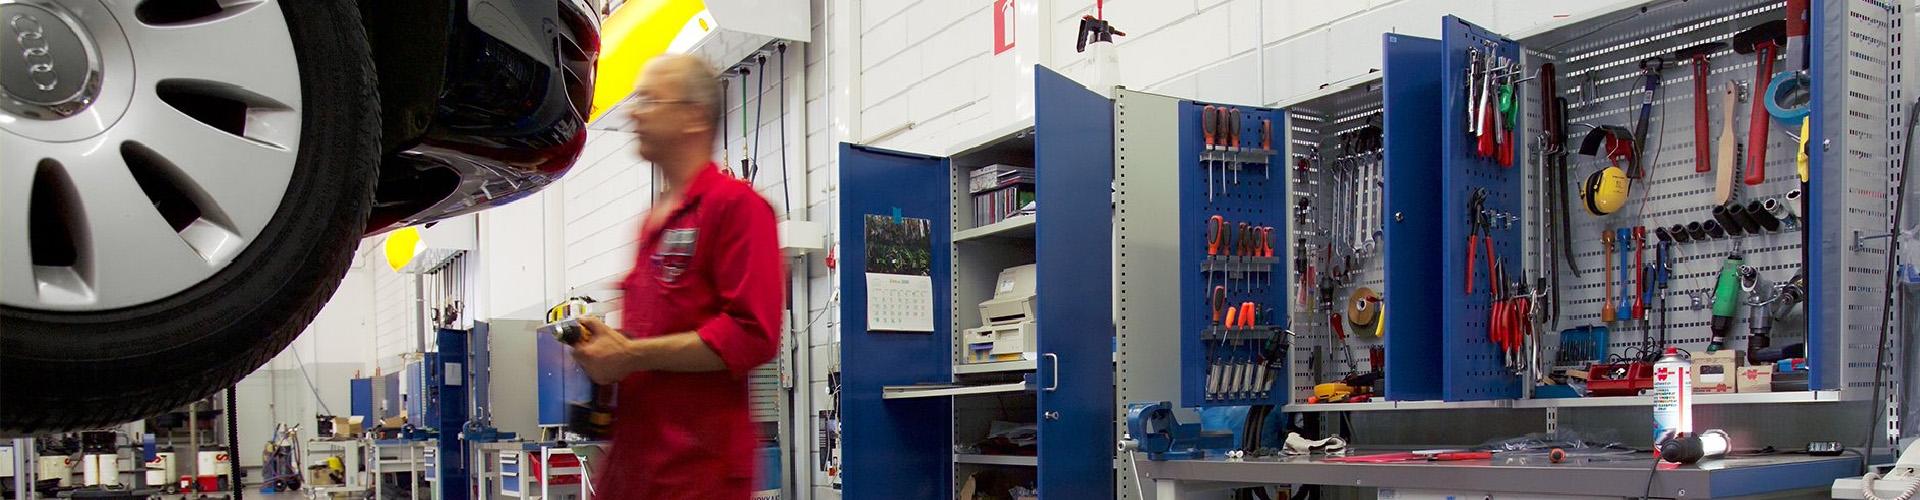 Sovella Nederland werkbanken automotive industrie, gereedschapsborden met haken afsluitbaar - Treston